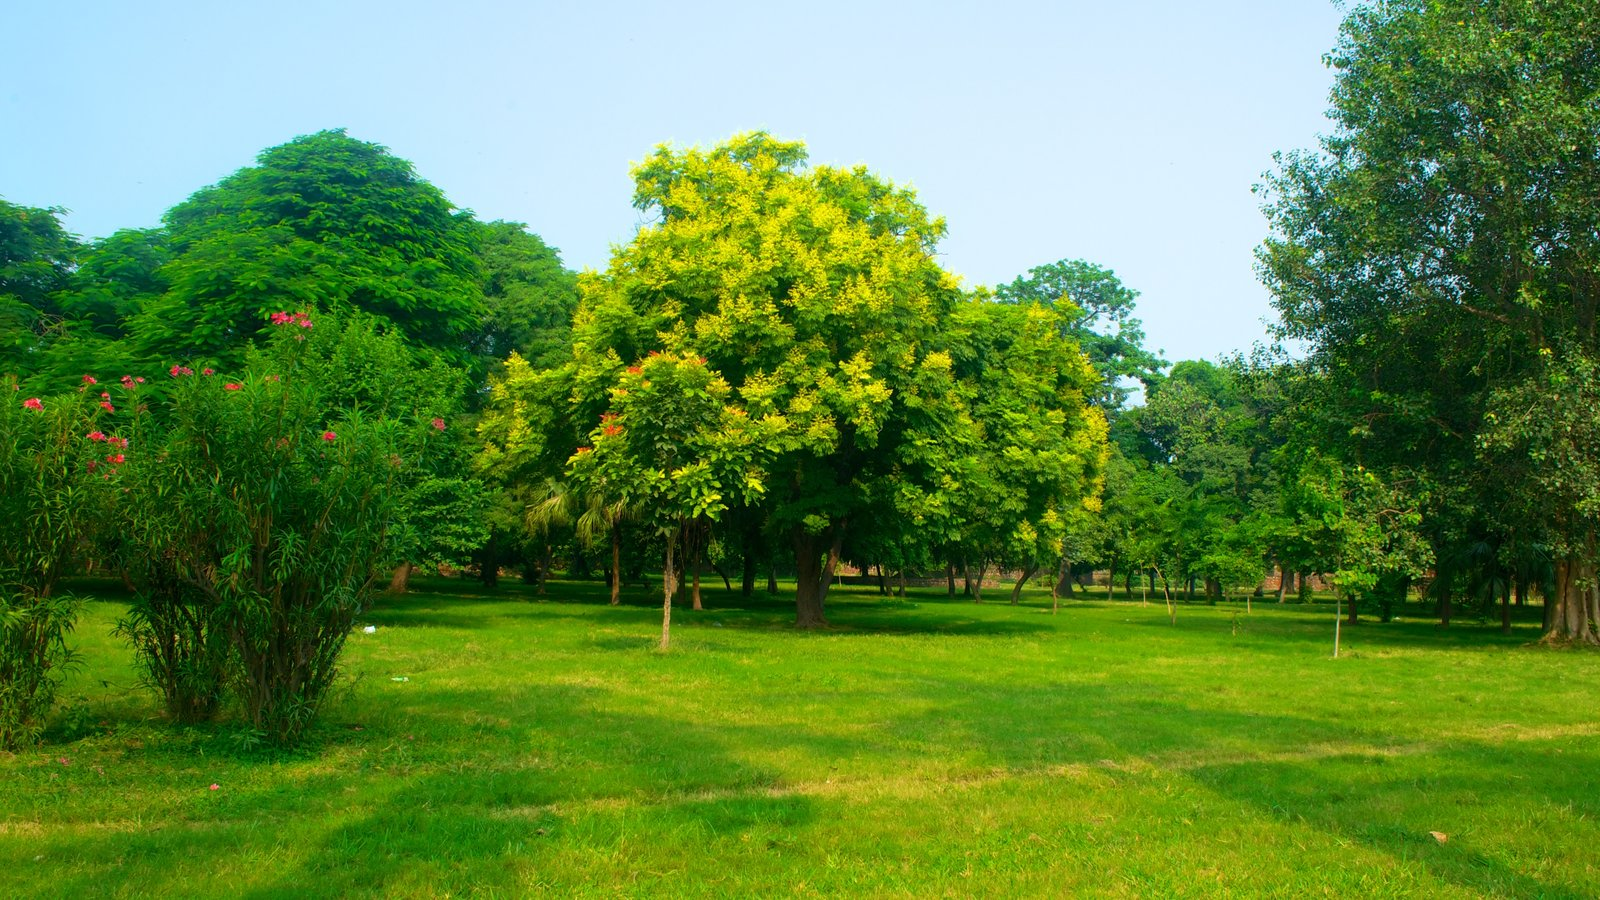 Fotos de parques y jardines ver im genes de tumba de humayun for Parques y jardines fotos